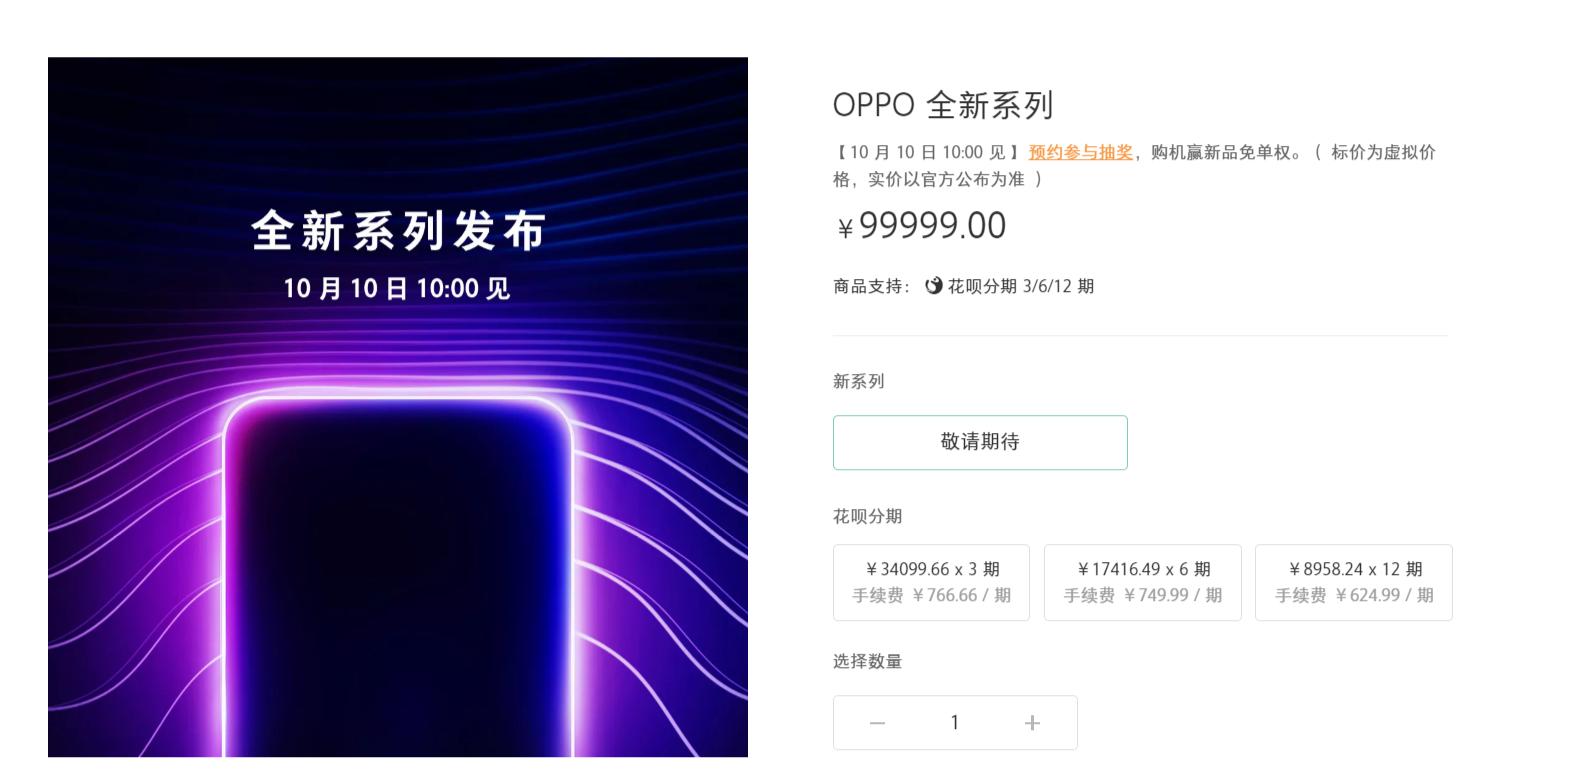 OPPO全新系列手机亮相工信部 将于10月10日发布